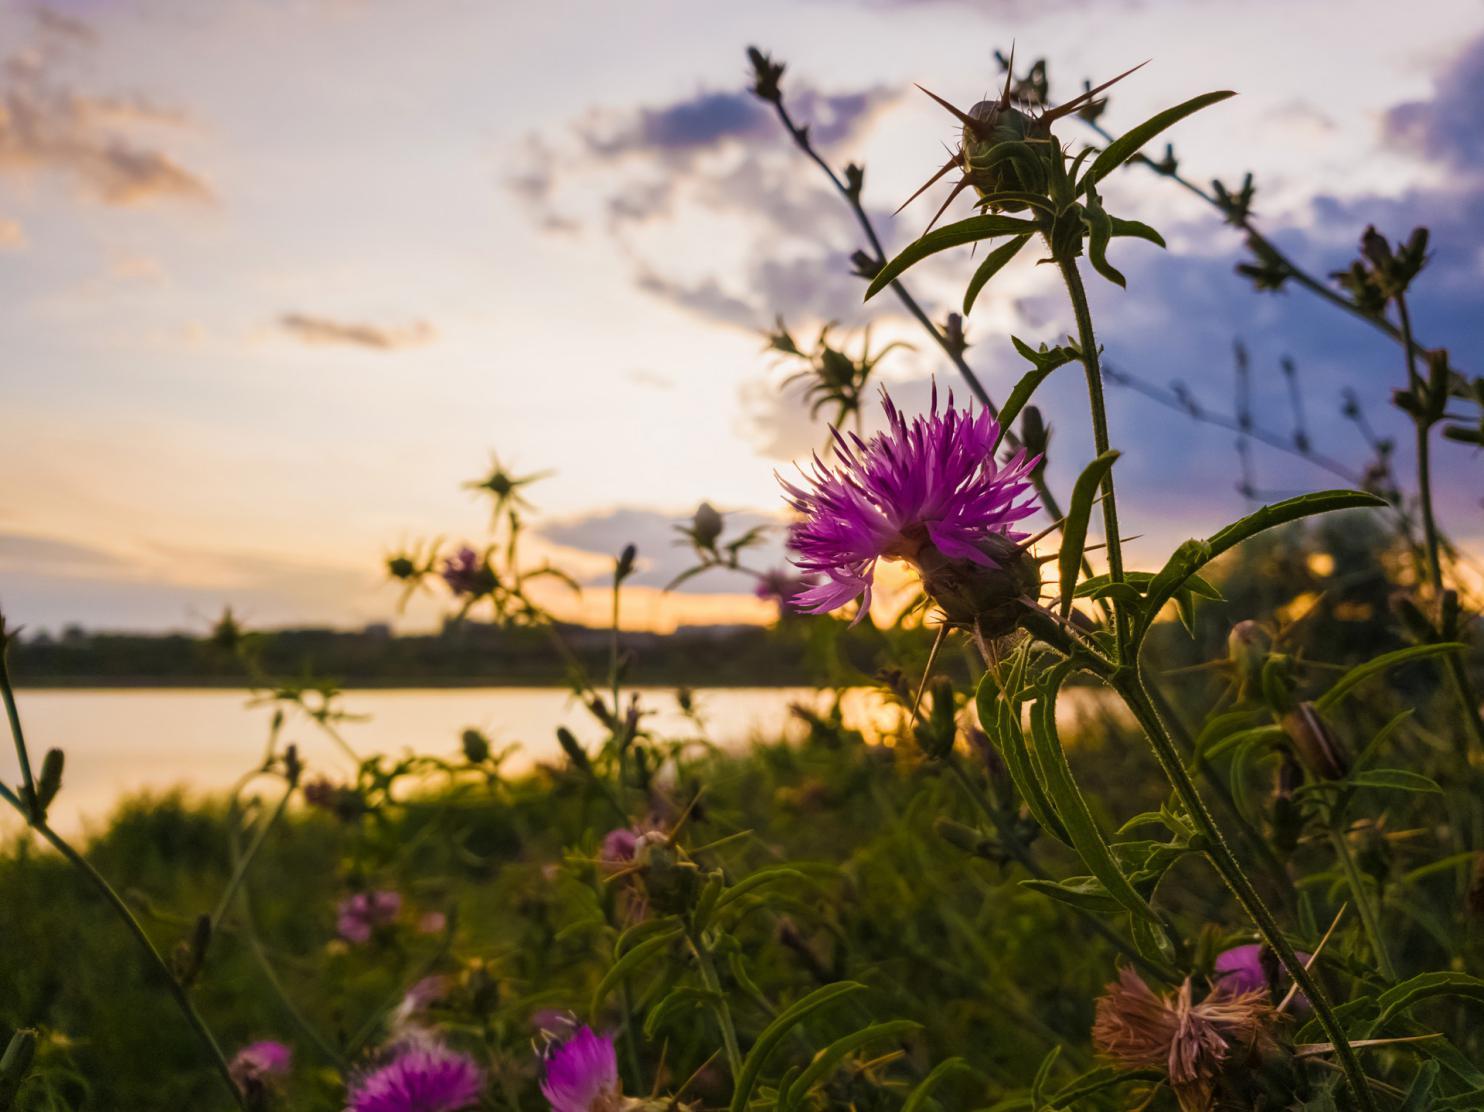 摄图网_300082639_banner_日落的天空背景上绽放着蓟花的刺状紫色植物的灌木丛(非企业商用)